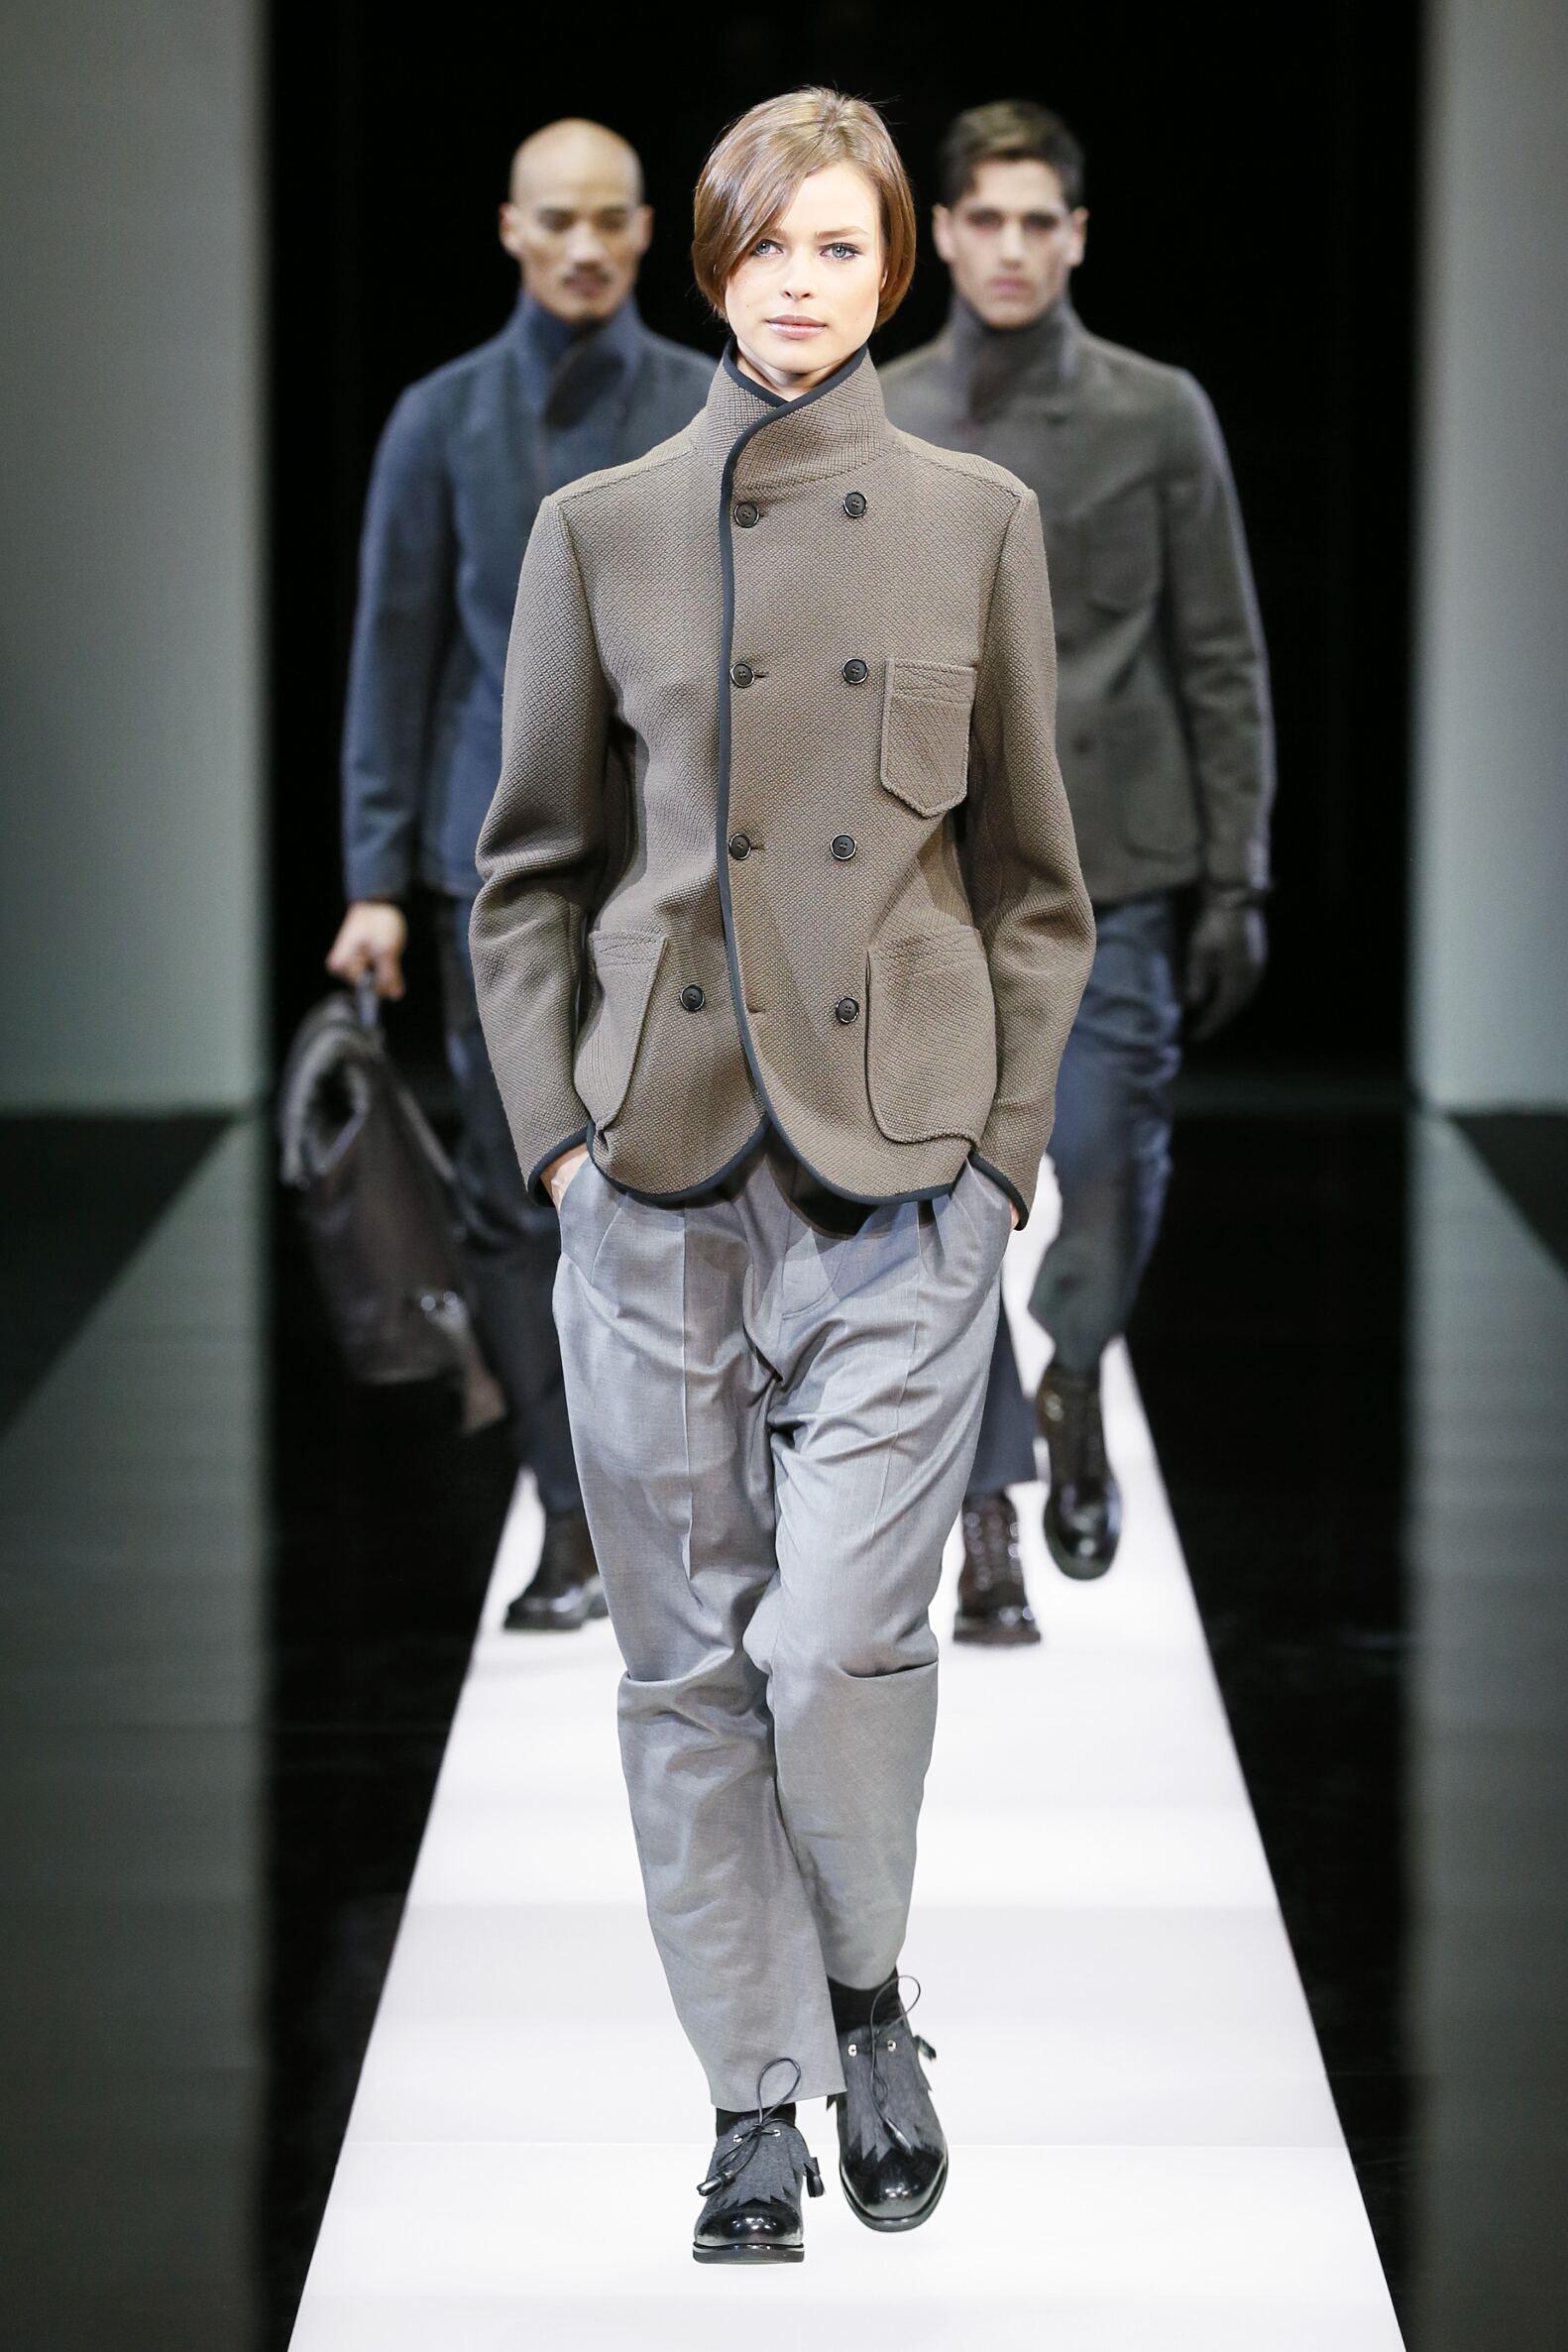 Catwalk Giorgio Armani Woman Collection Winter 2015